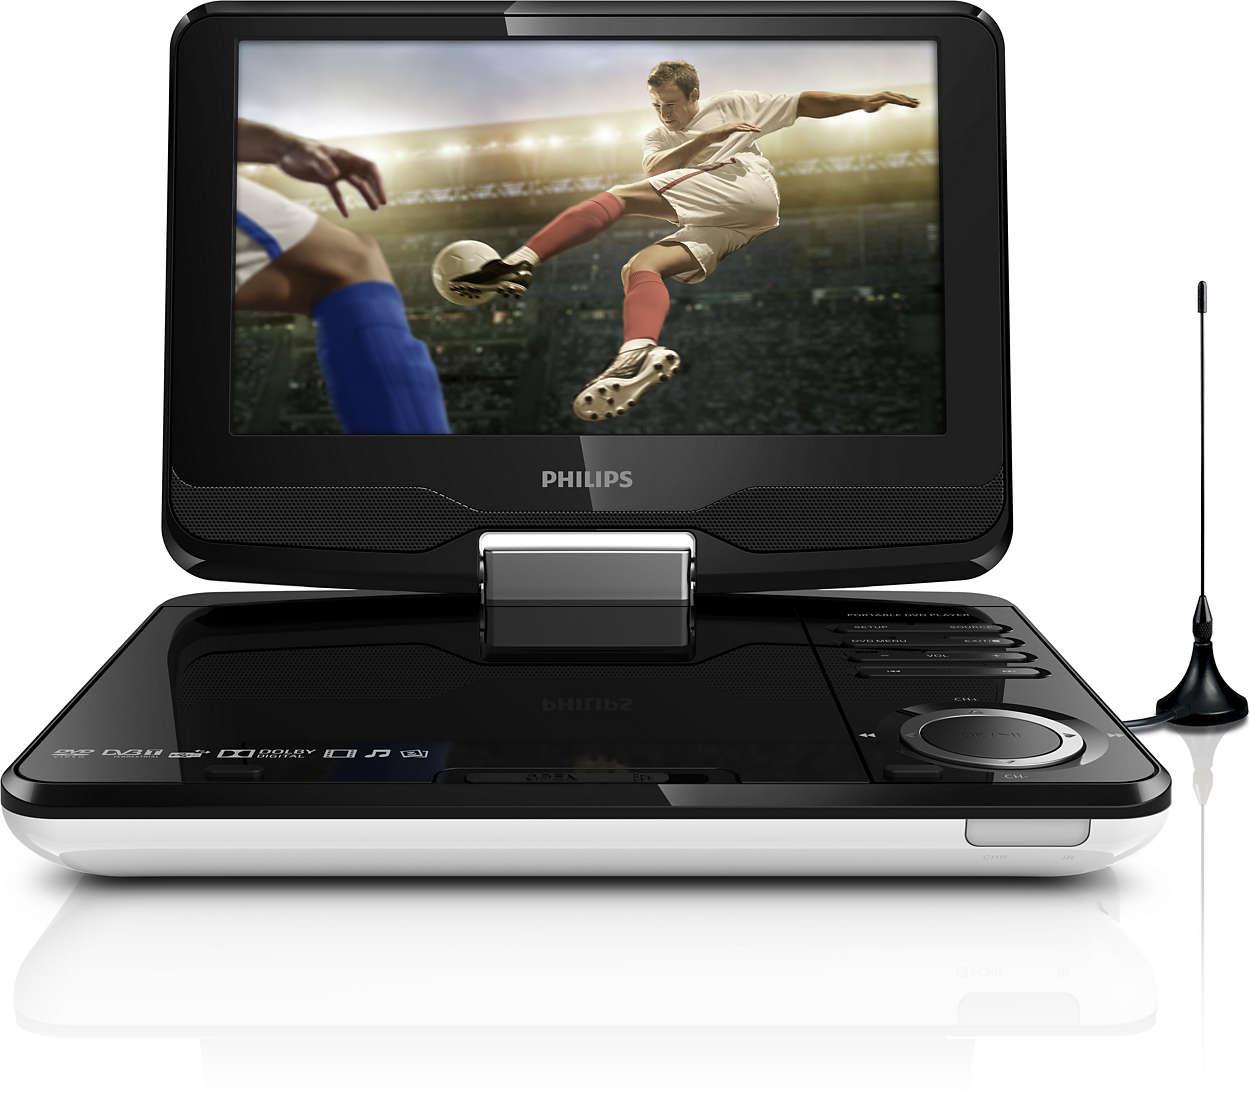 Mira tus DVD y programas de TV HD* favoritos en todas partes